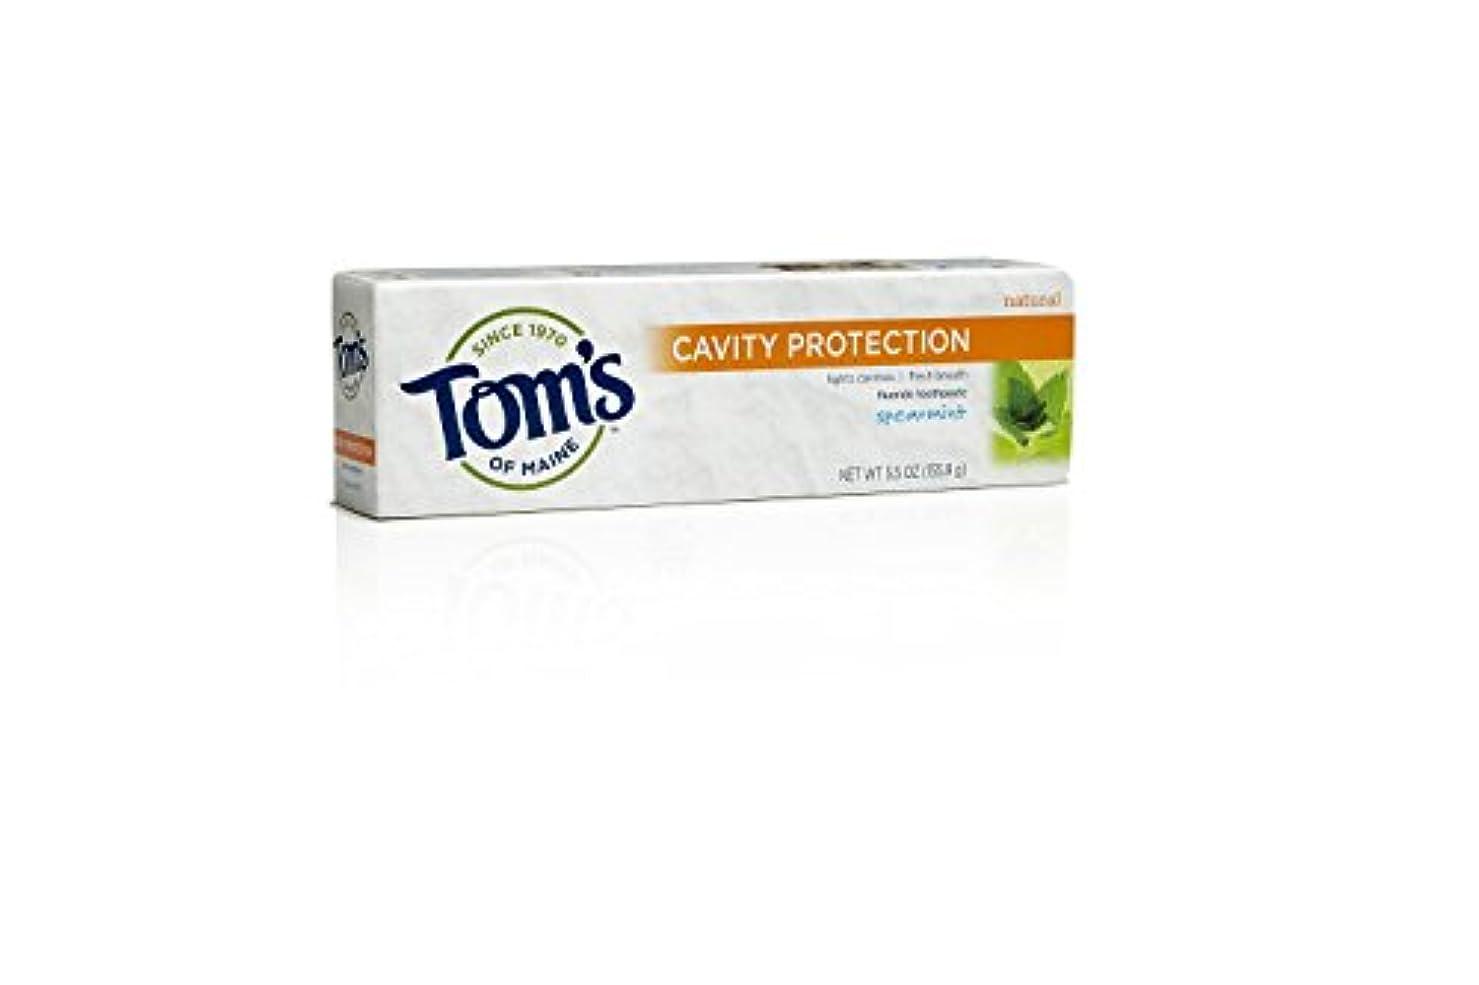 ロゴ悔い改め排出Tom's of Maine, Cavity Protection Fluoride Toothpaste, Spearmint, 5.5 oz (155.9 g)